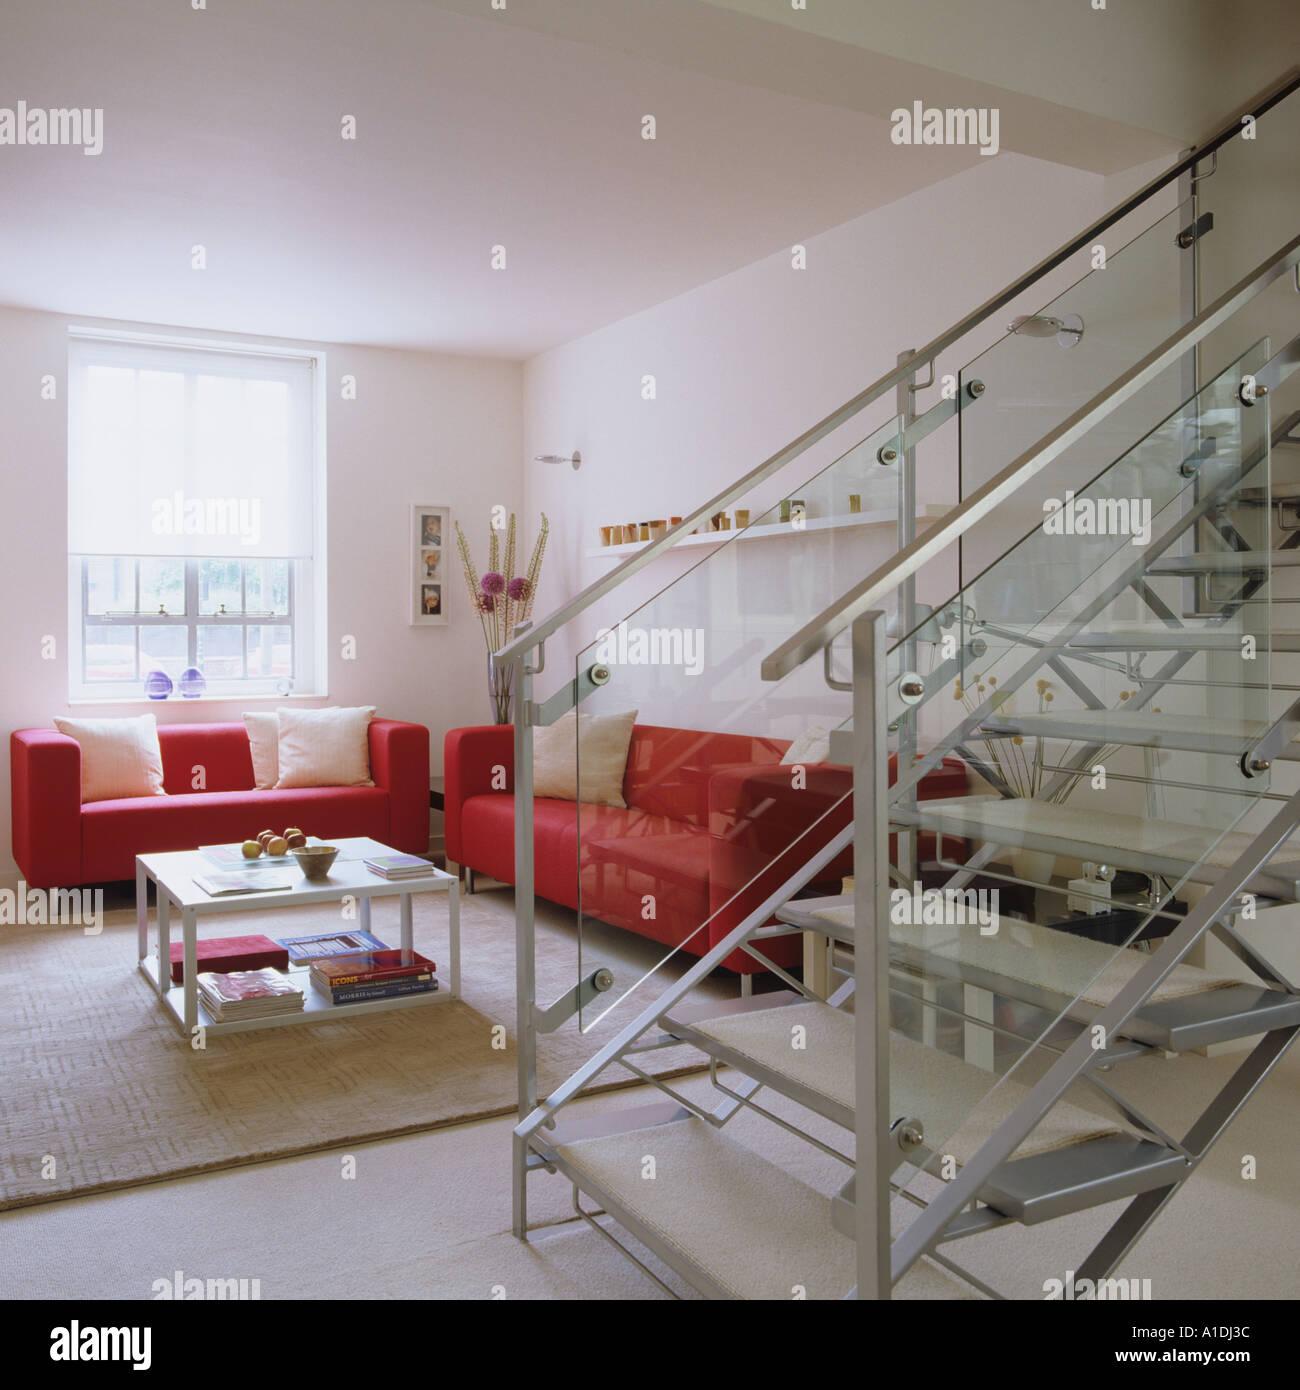 modernes wohnzimmer mit treppe : Modernes Wohnzimmer Mit Glas Treppe Und Roten Sofas Stockfoto